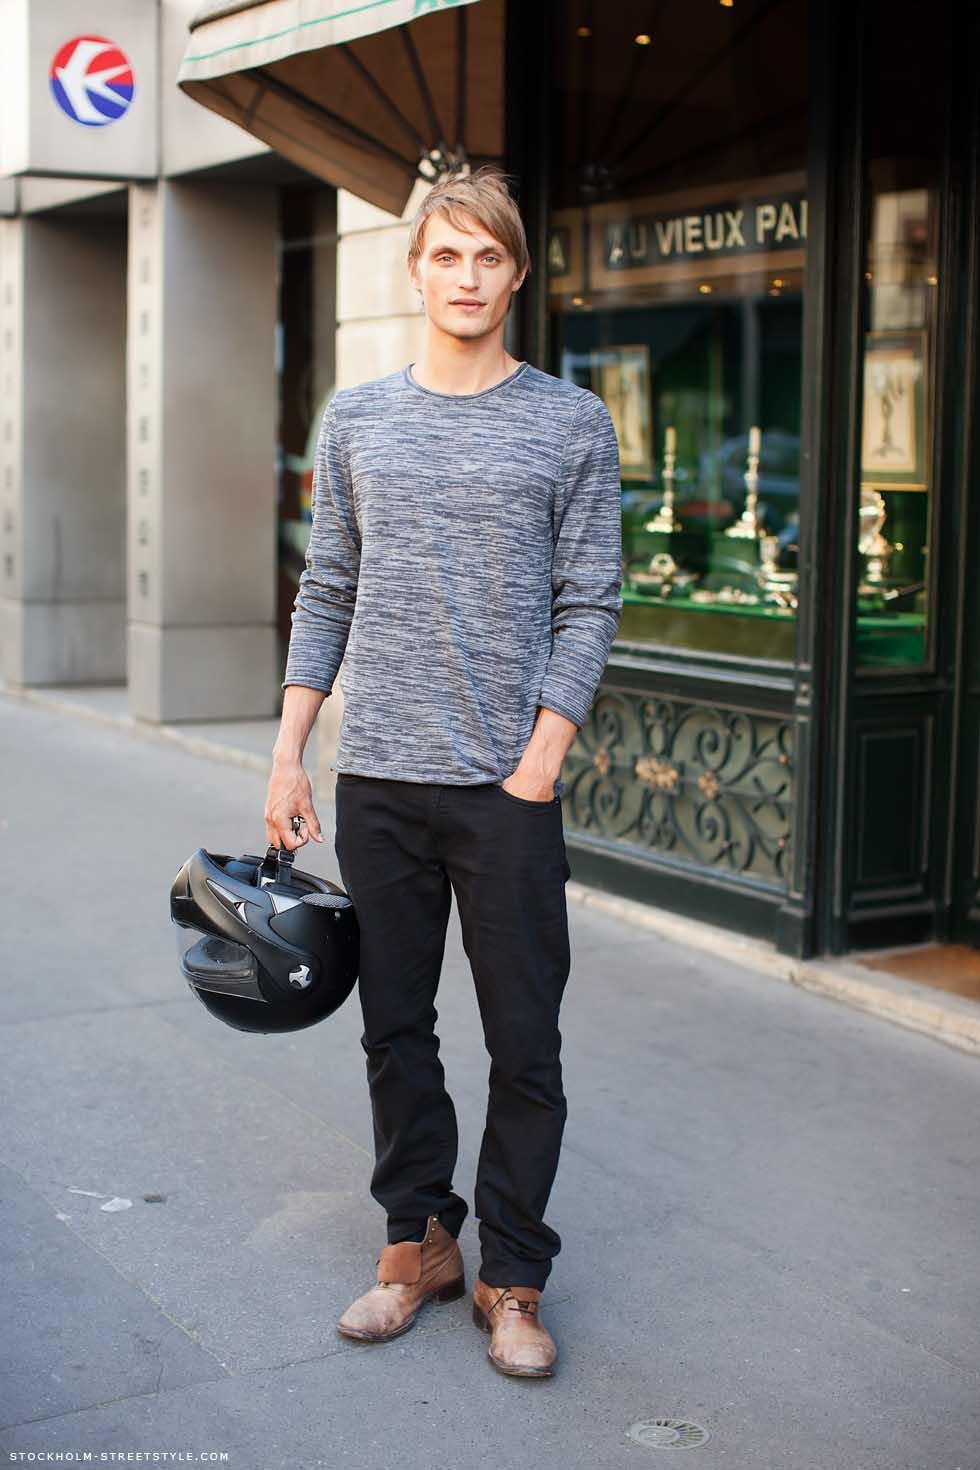 Sus botas hacen todo el outfit.